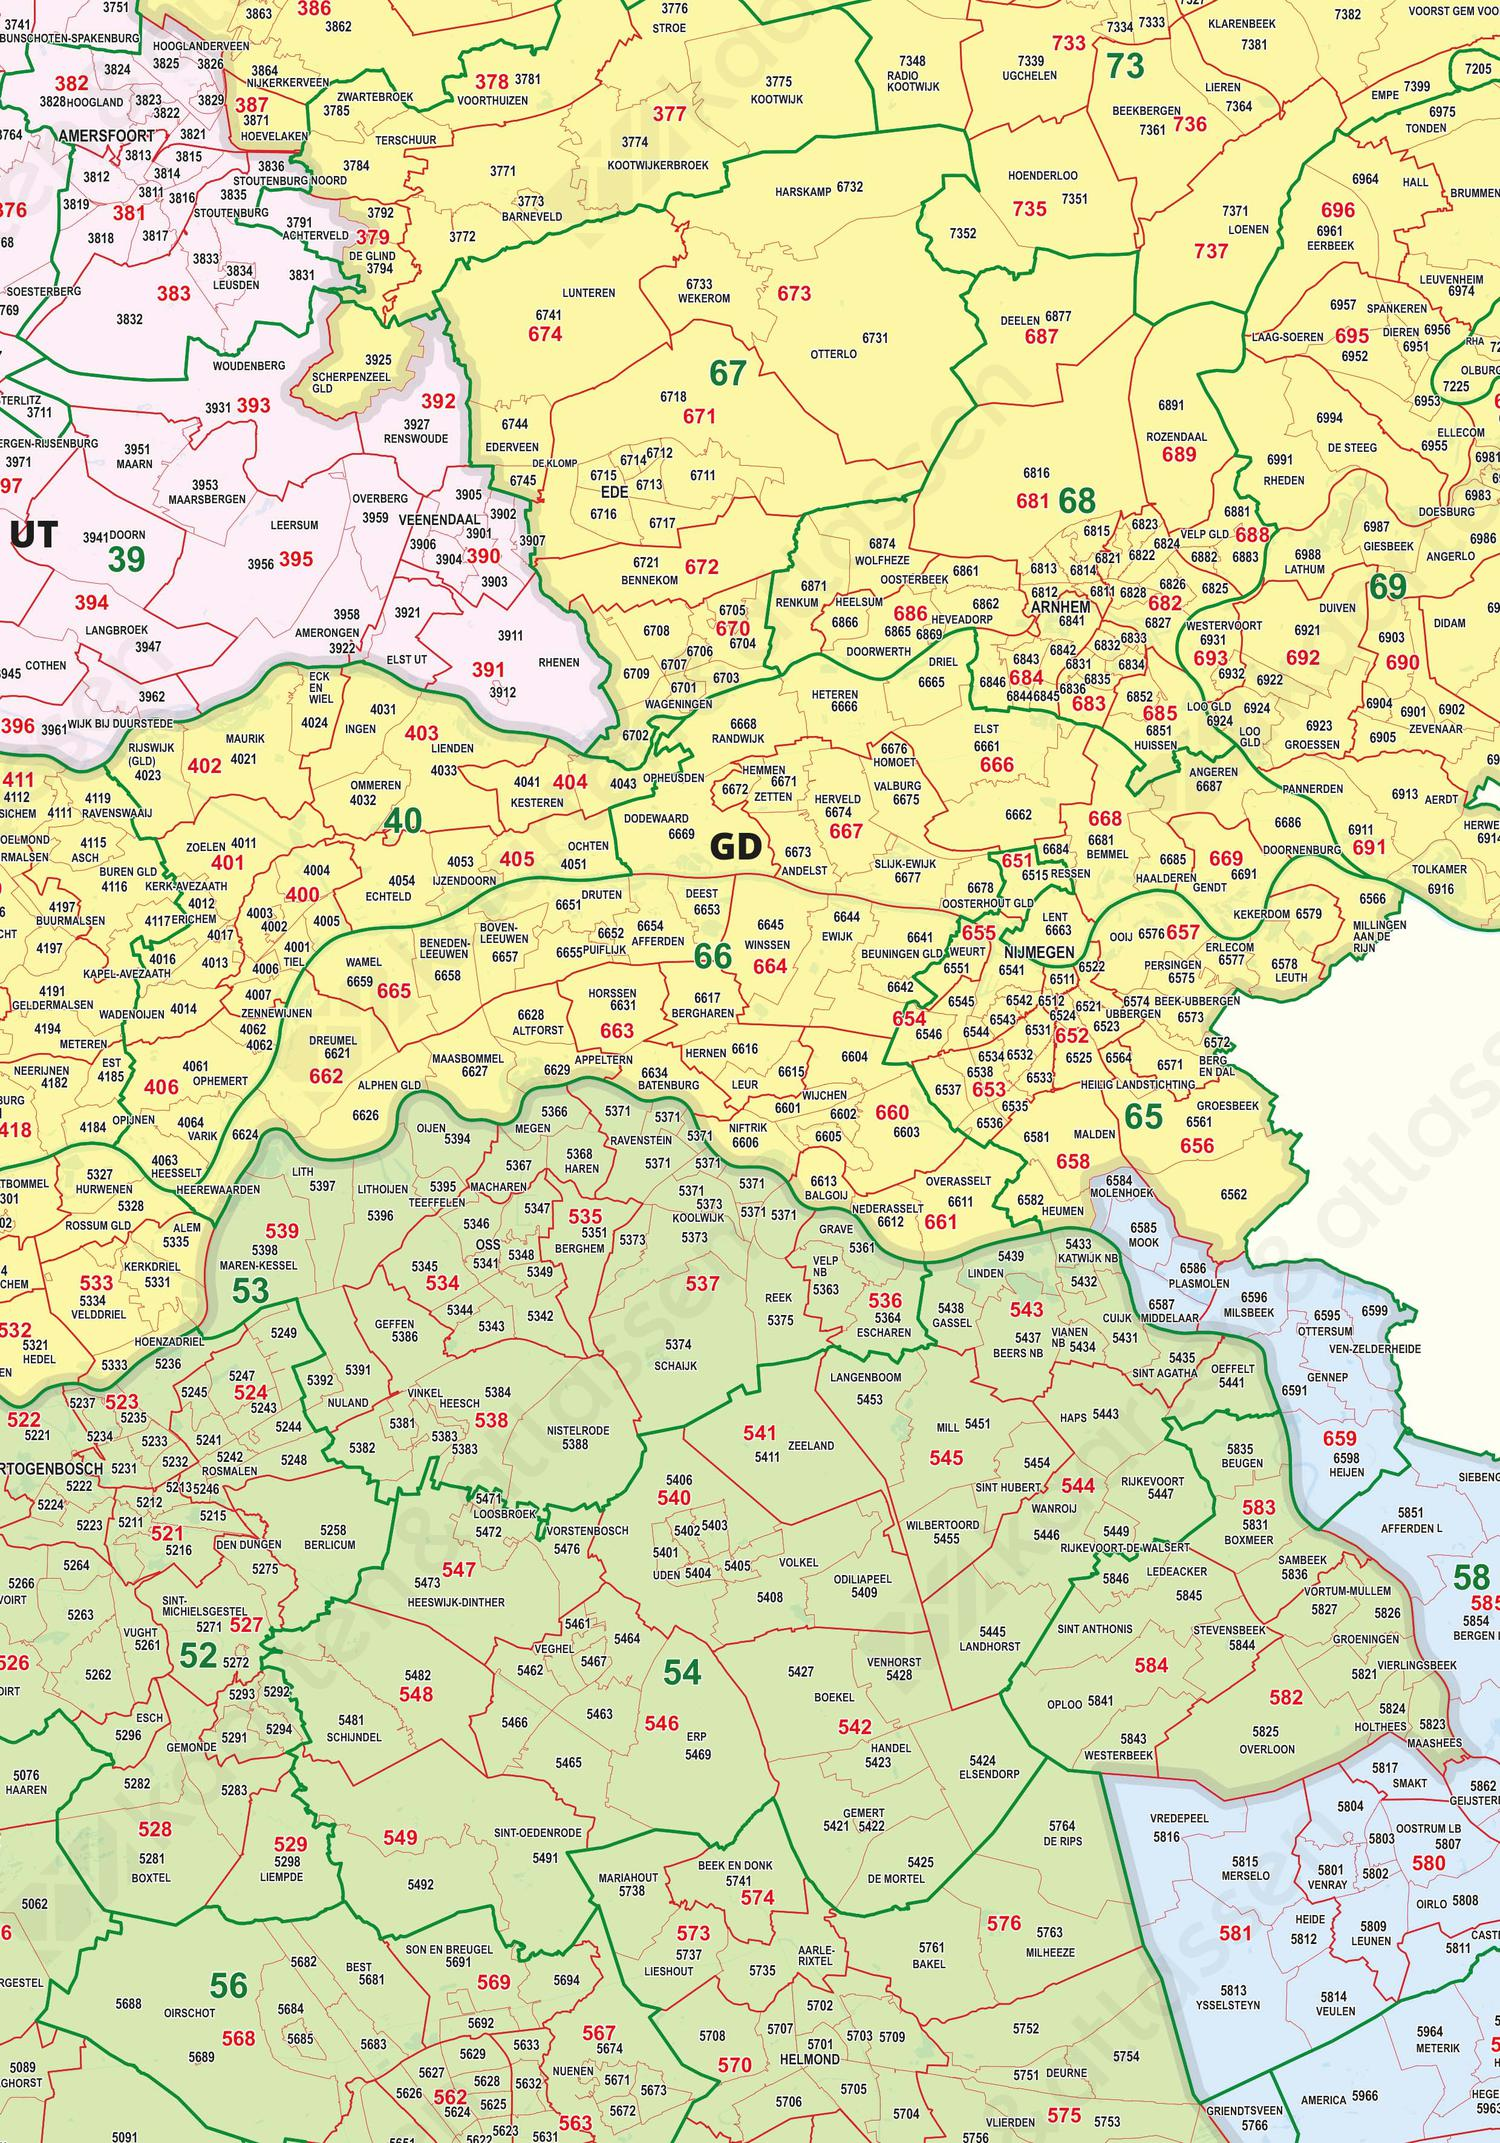 Digitale Postcodekaart Nederland 2-3-4 cijferig 1394 1394